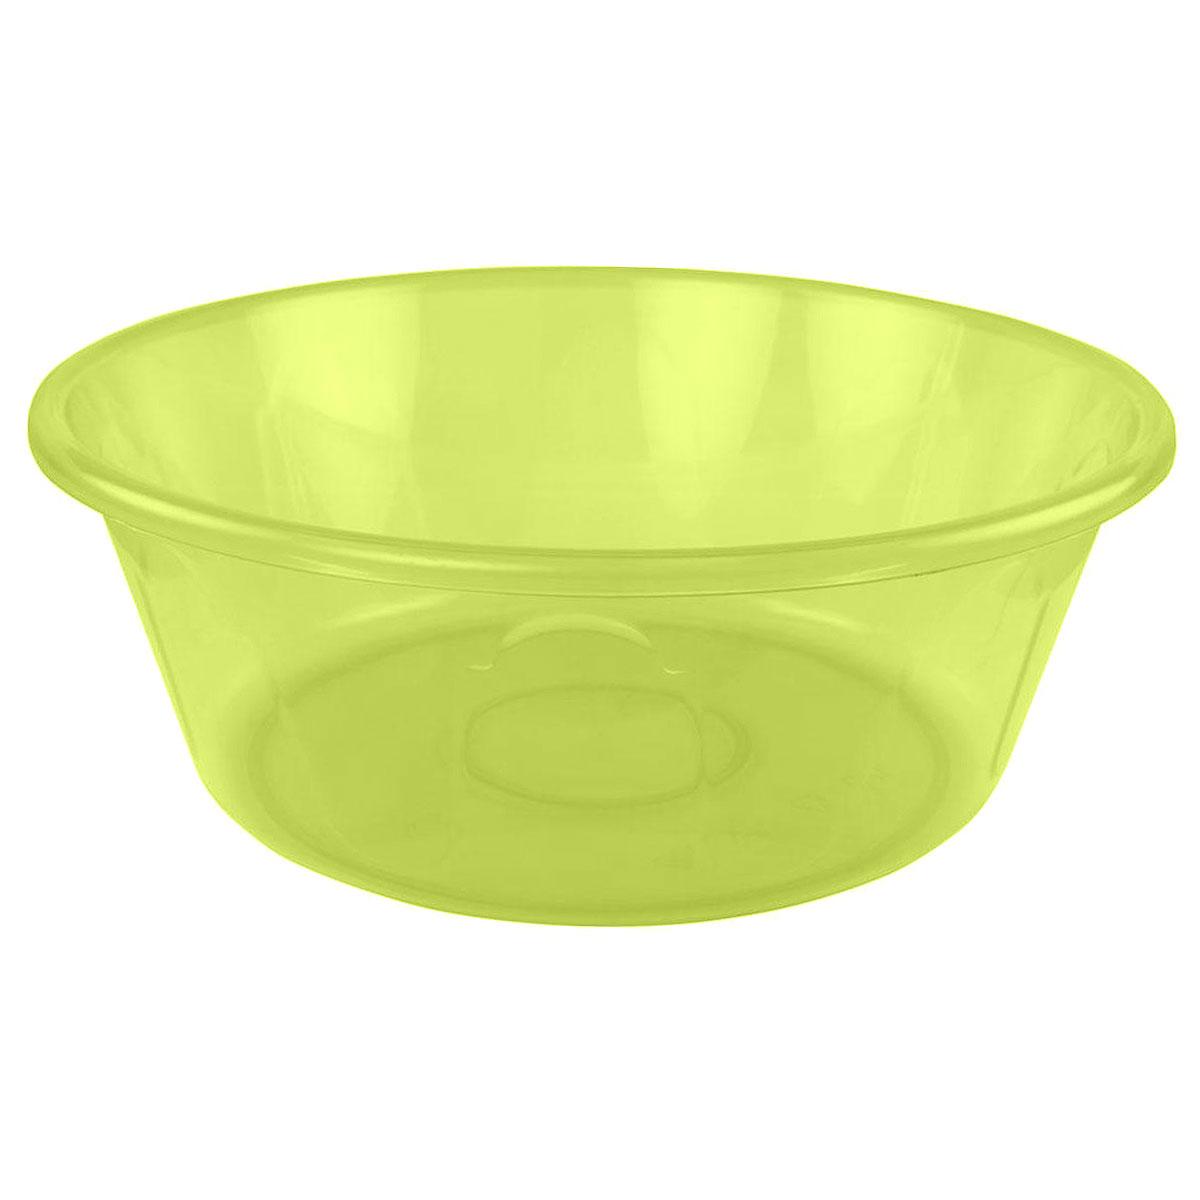 Таз Альтернатива Хозяюшка, цвет: желтый, 15 лМ1300Таз Альтернатива Хозяюшка изготовлен из высококачественного полупрозрачного пластика. Он выполнен в классическом круглом варианте. По бокам имеются удобные углубления, которые обеспечивают удобный захват. Таз предназначен для стирки и хранения разных вещей. Он пригодится в любом хозяйстве.Диаметр (по верхнему краю): 43 см. Высота: 16 см.